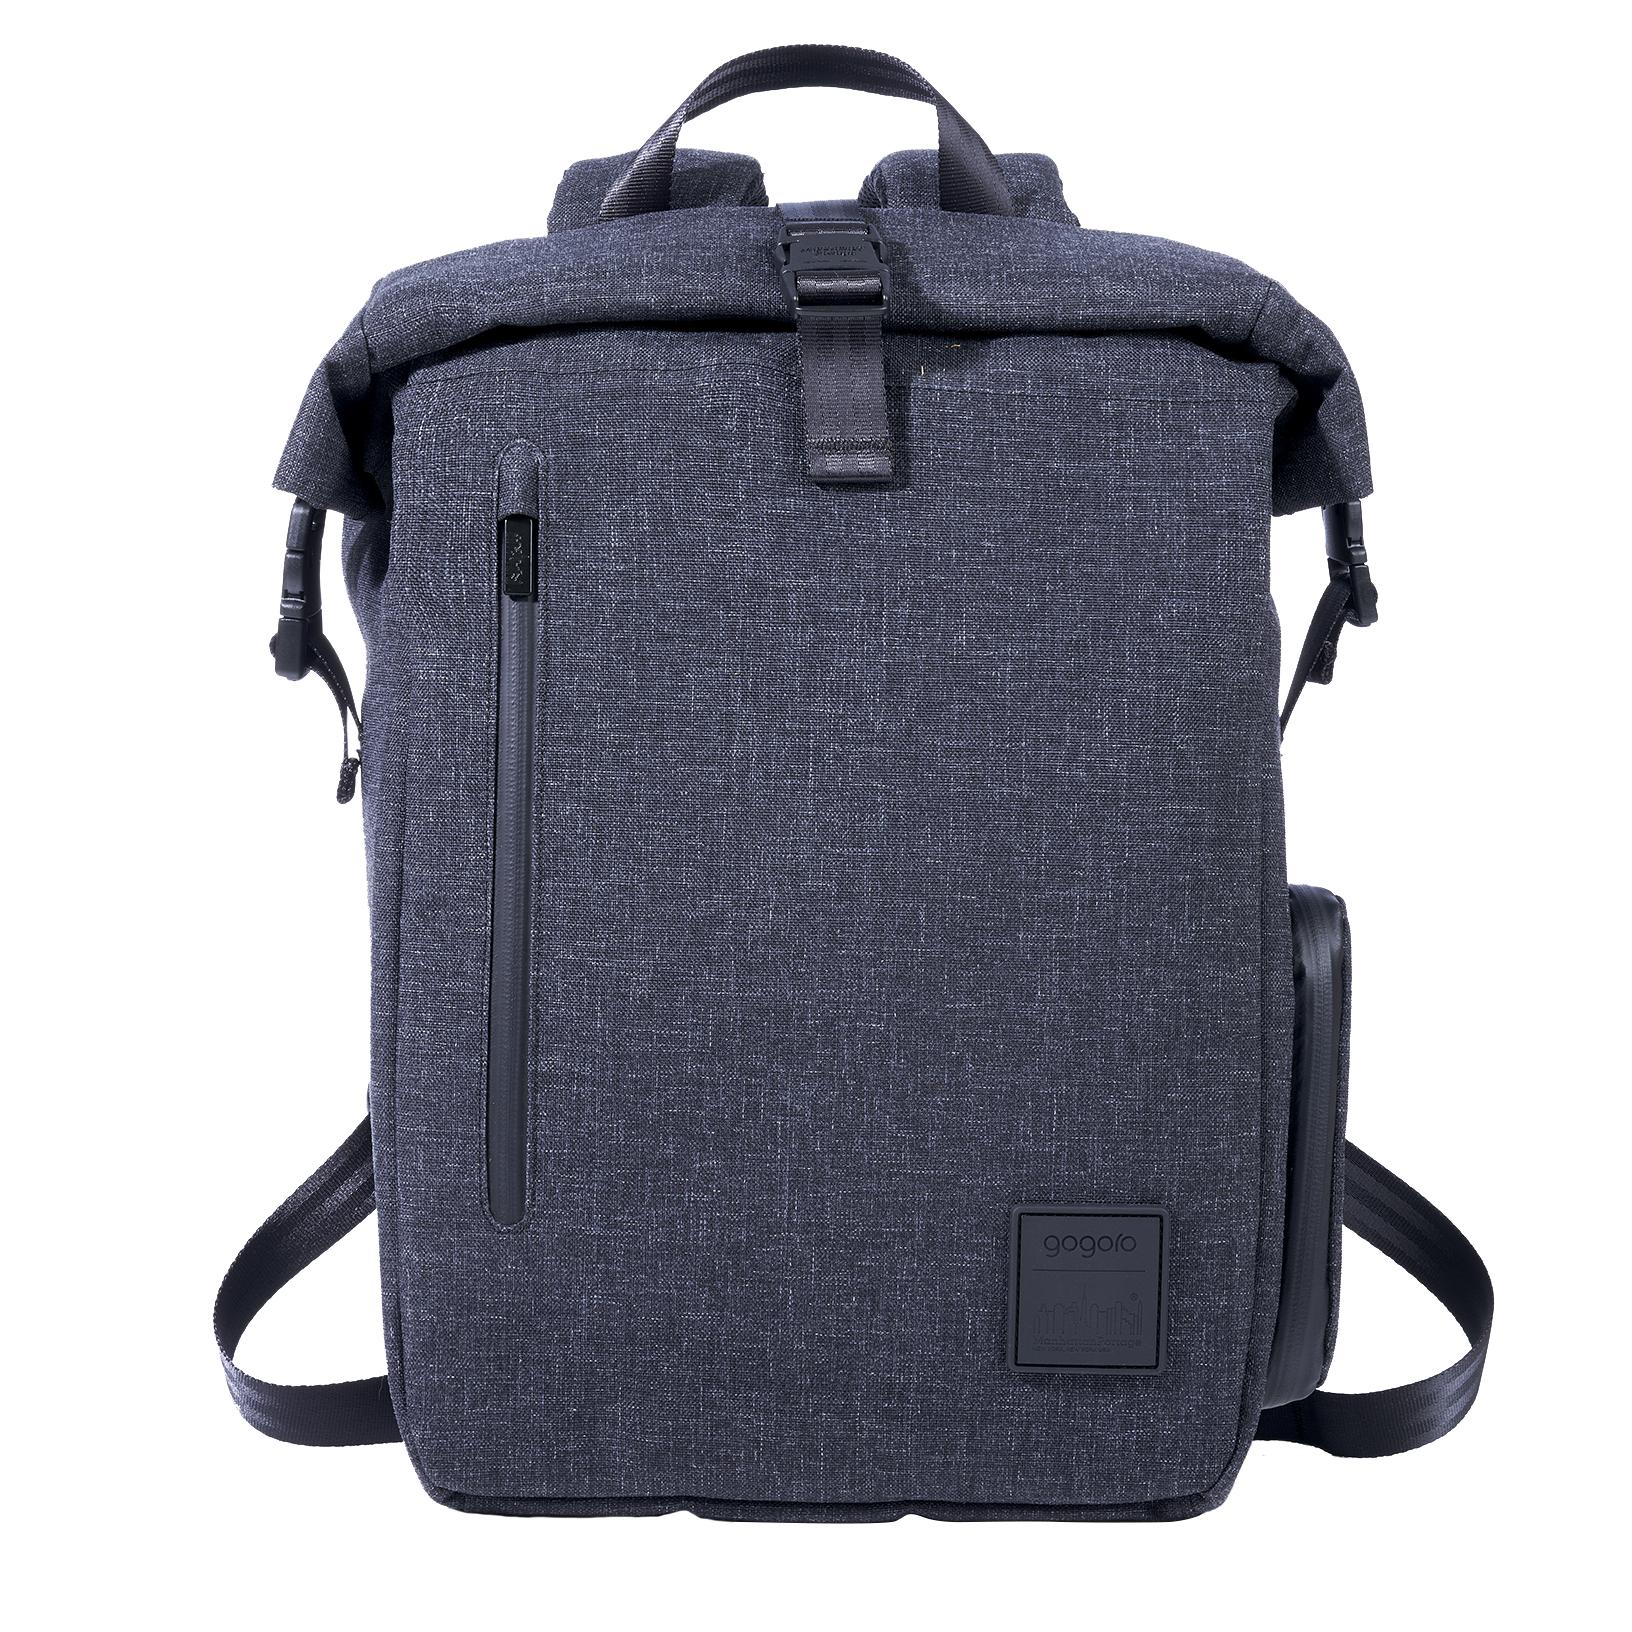 2234 Gogoro聯名款 機能後背包